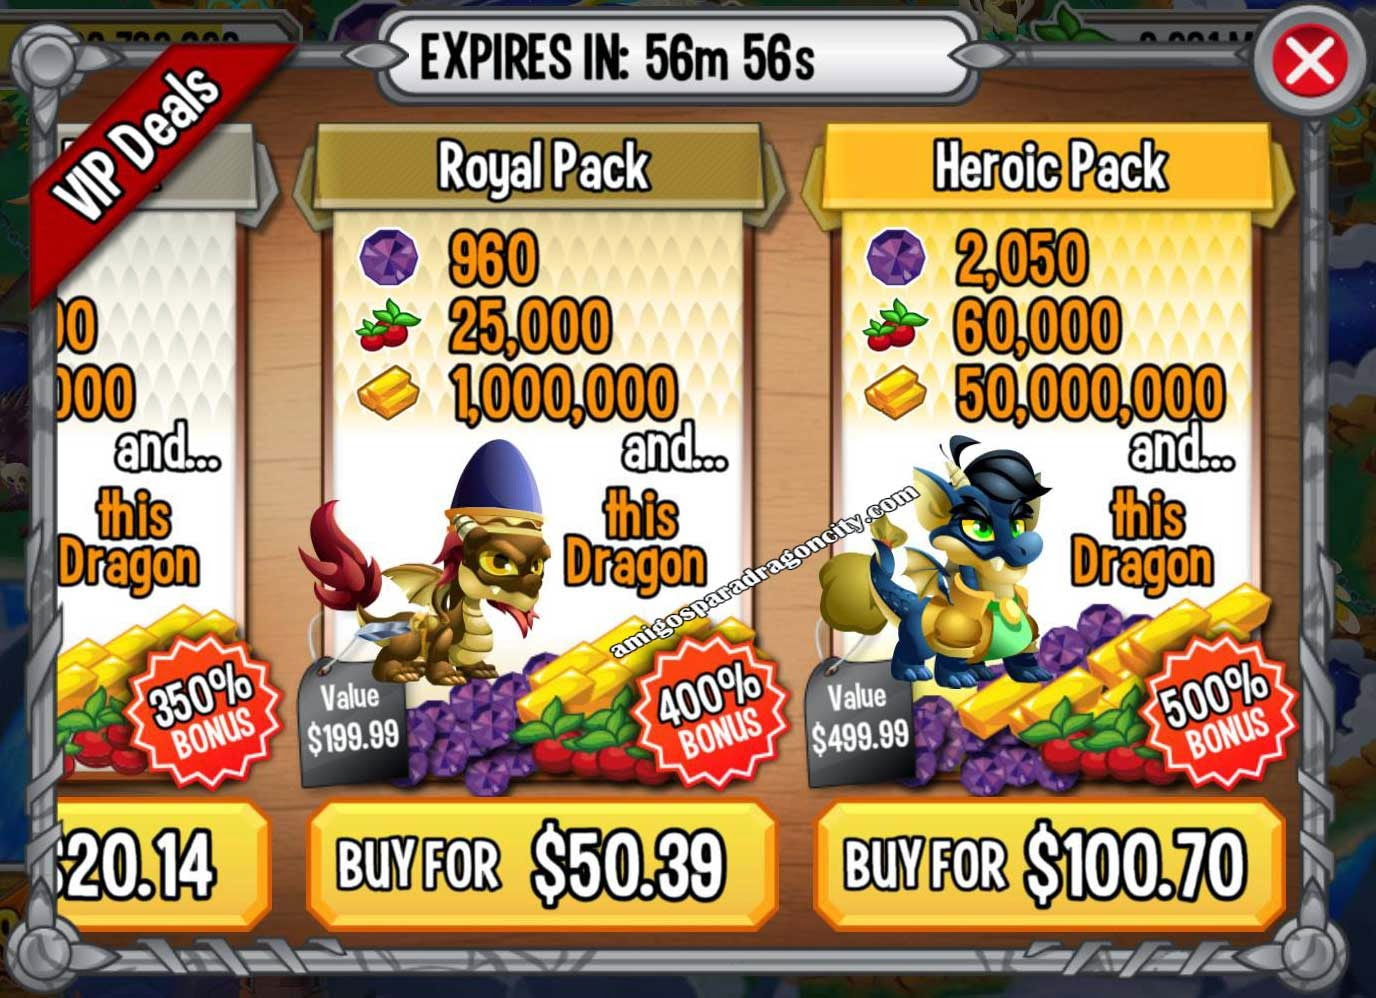 imagen de las ofertas royal pack y heroic pack de dragon city ios y android